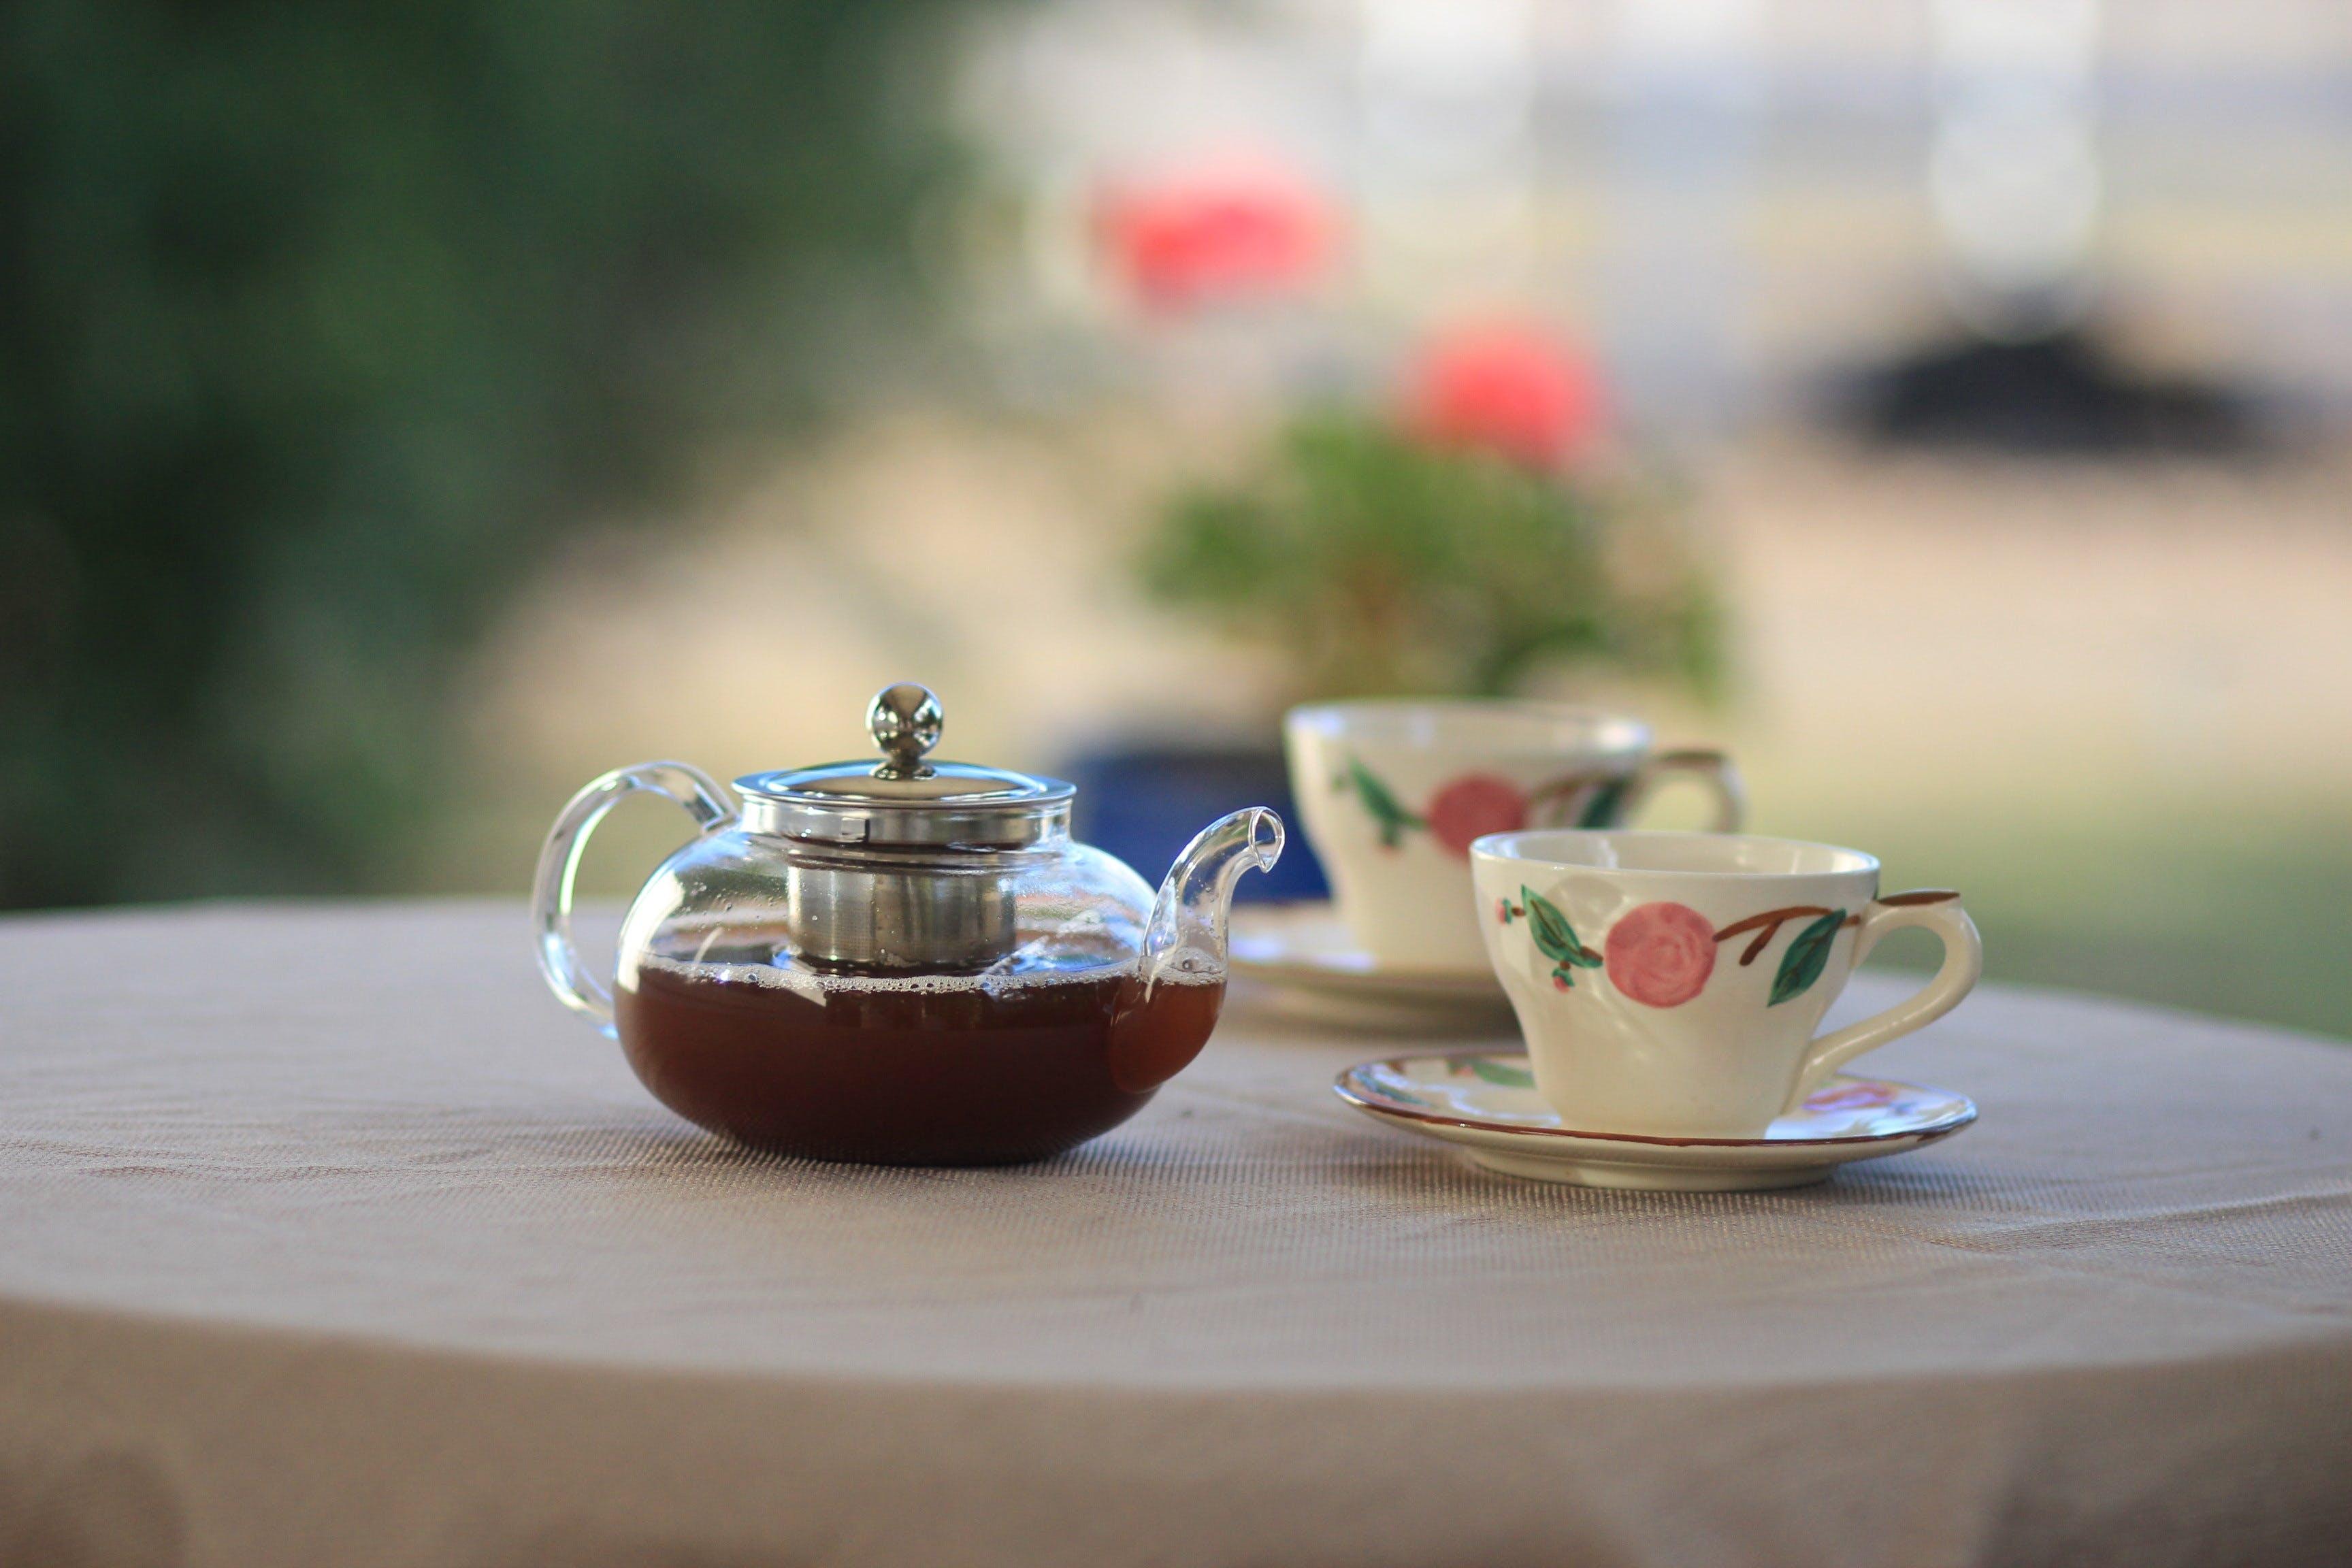 Clear Glass Teapot Near Teacups on Table Selective Focus Photography